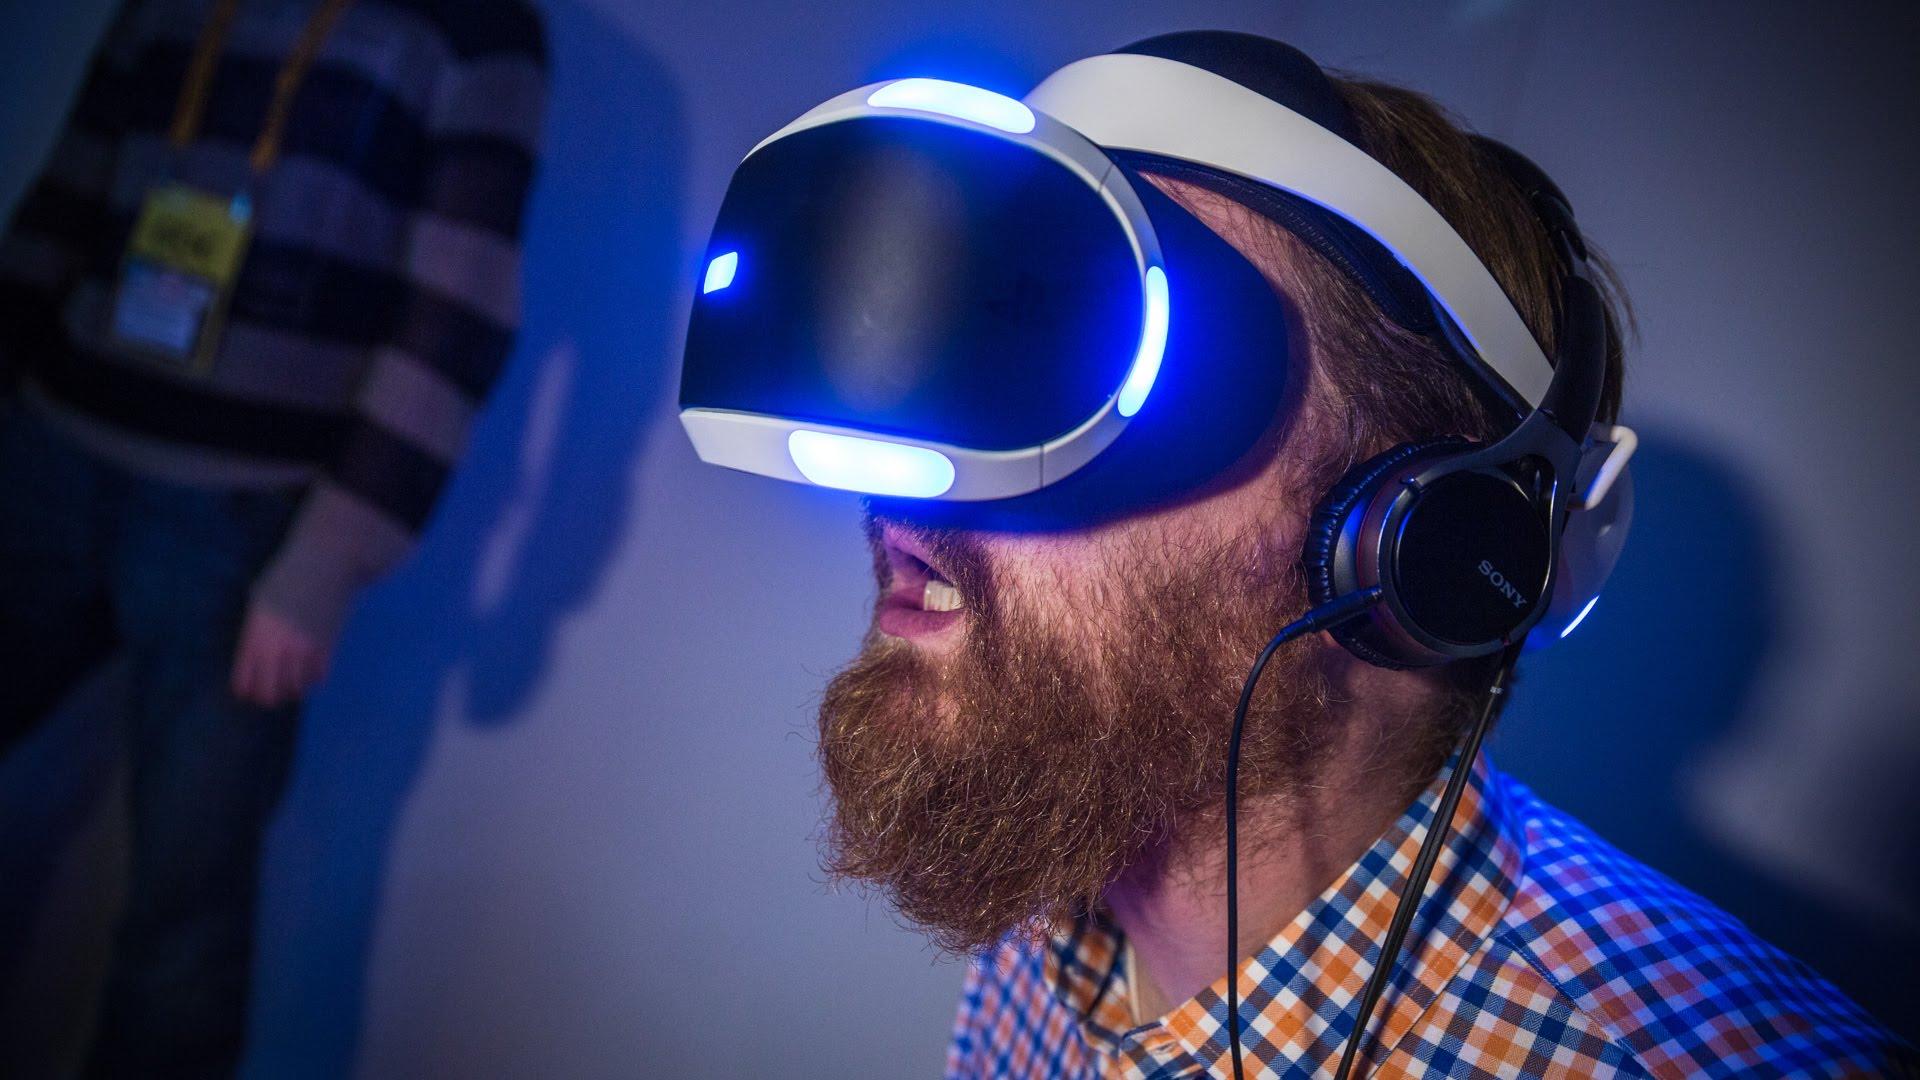 Ultimul trend pentru fanii PS4 - Morpheus VR